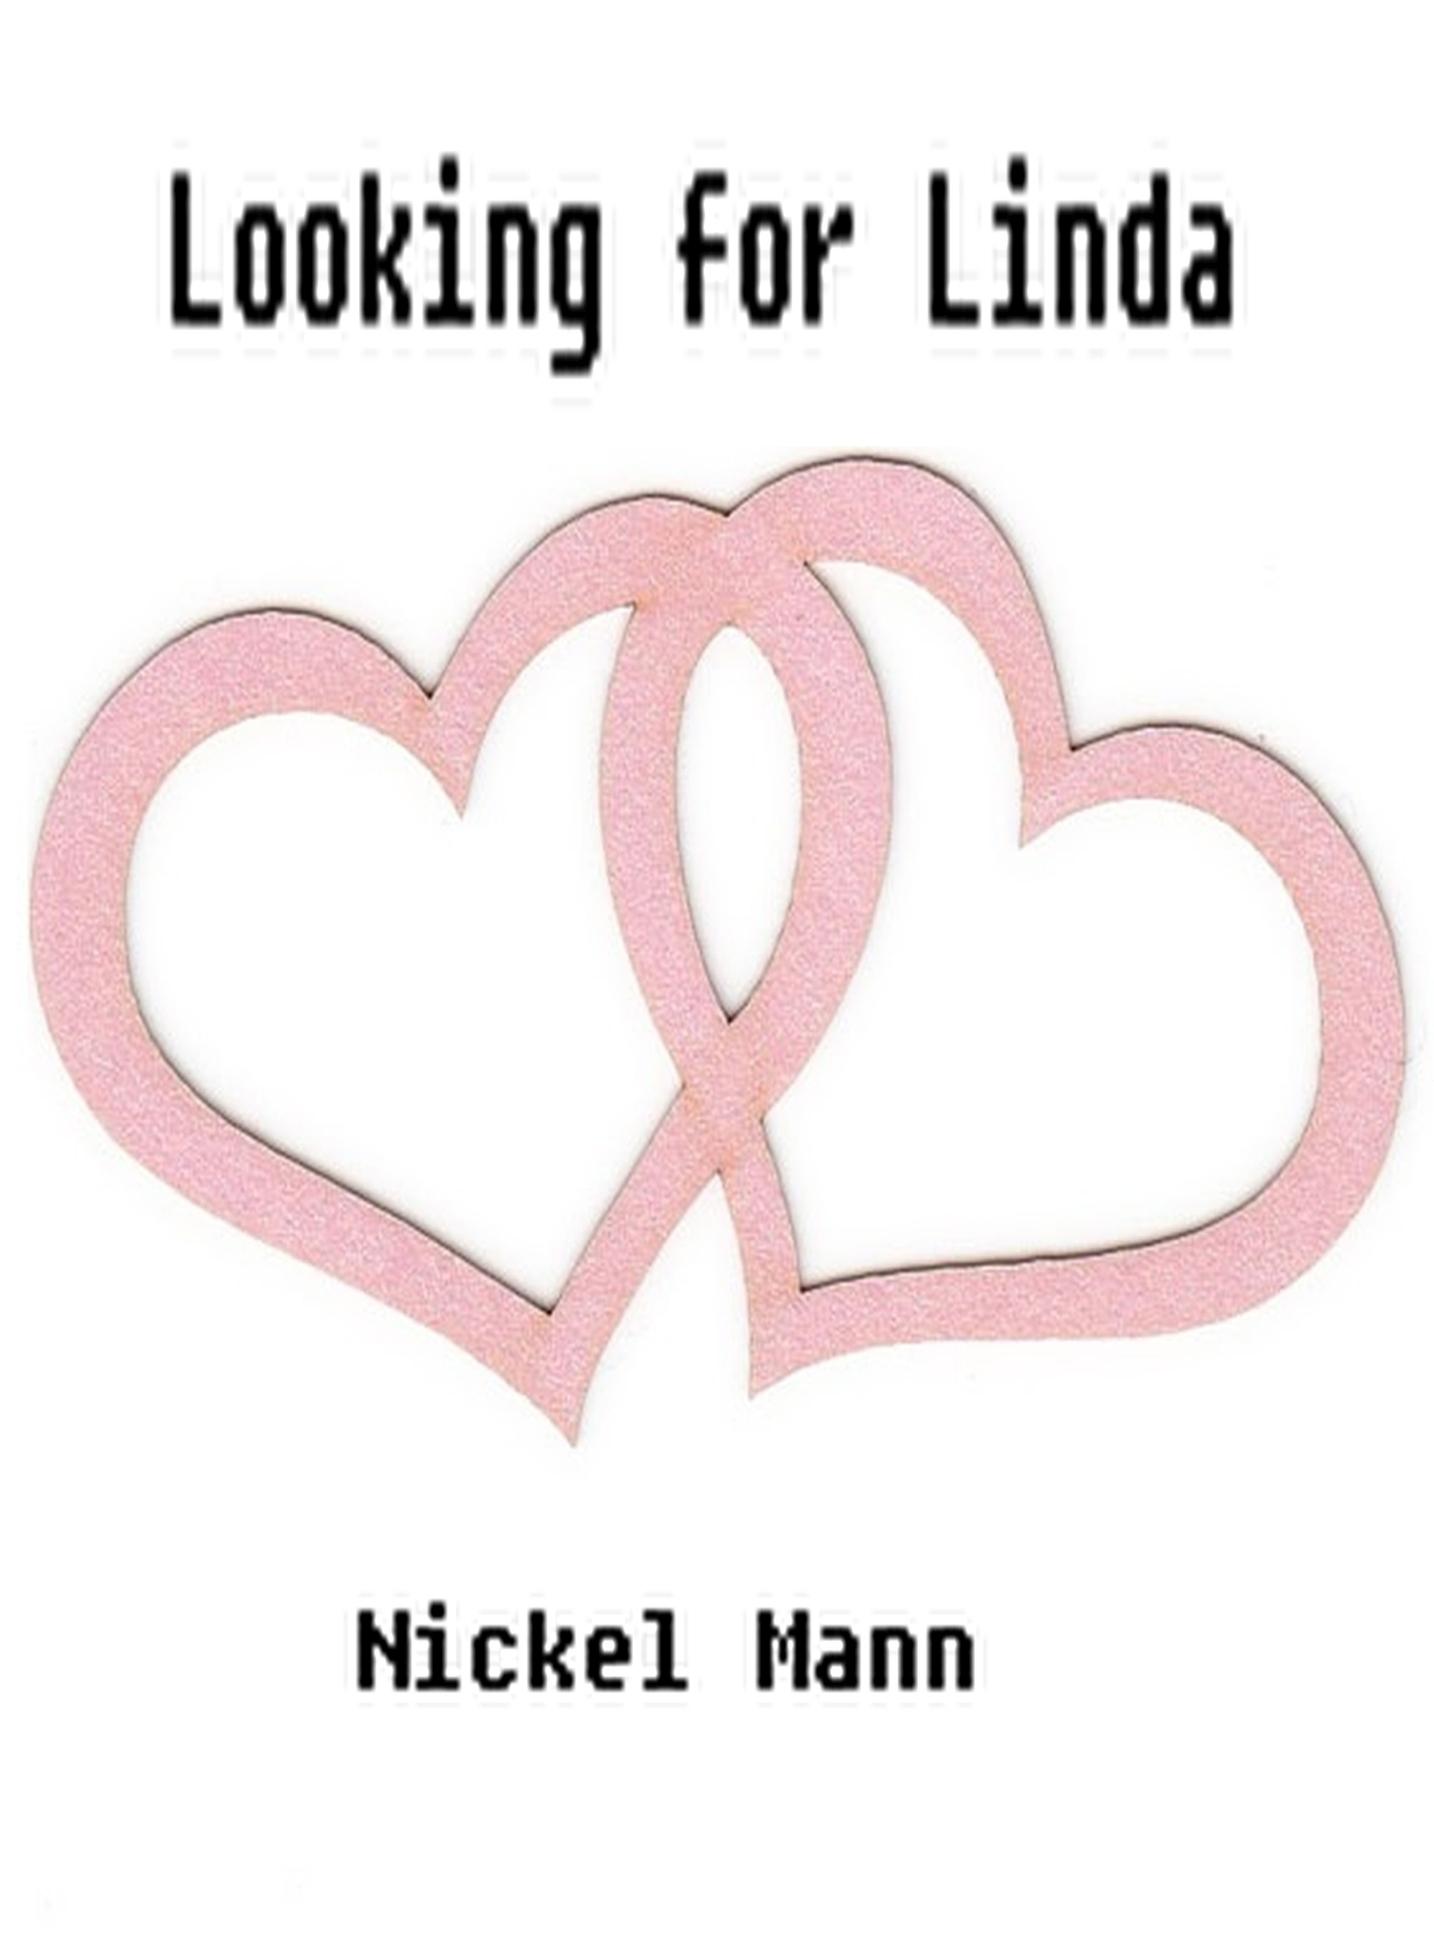 Looking for Linda Nickel Mann